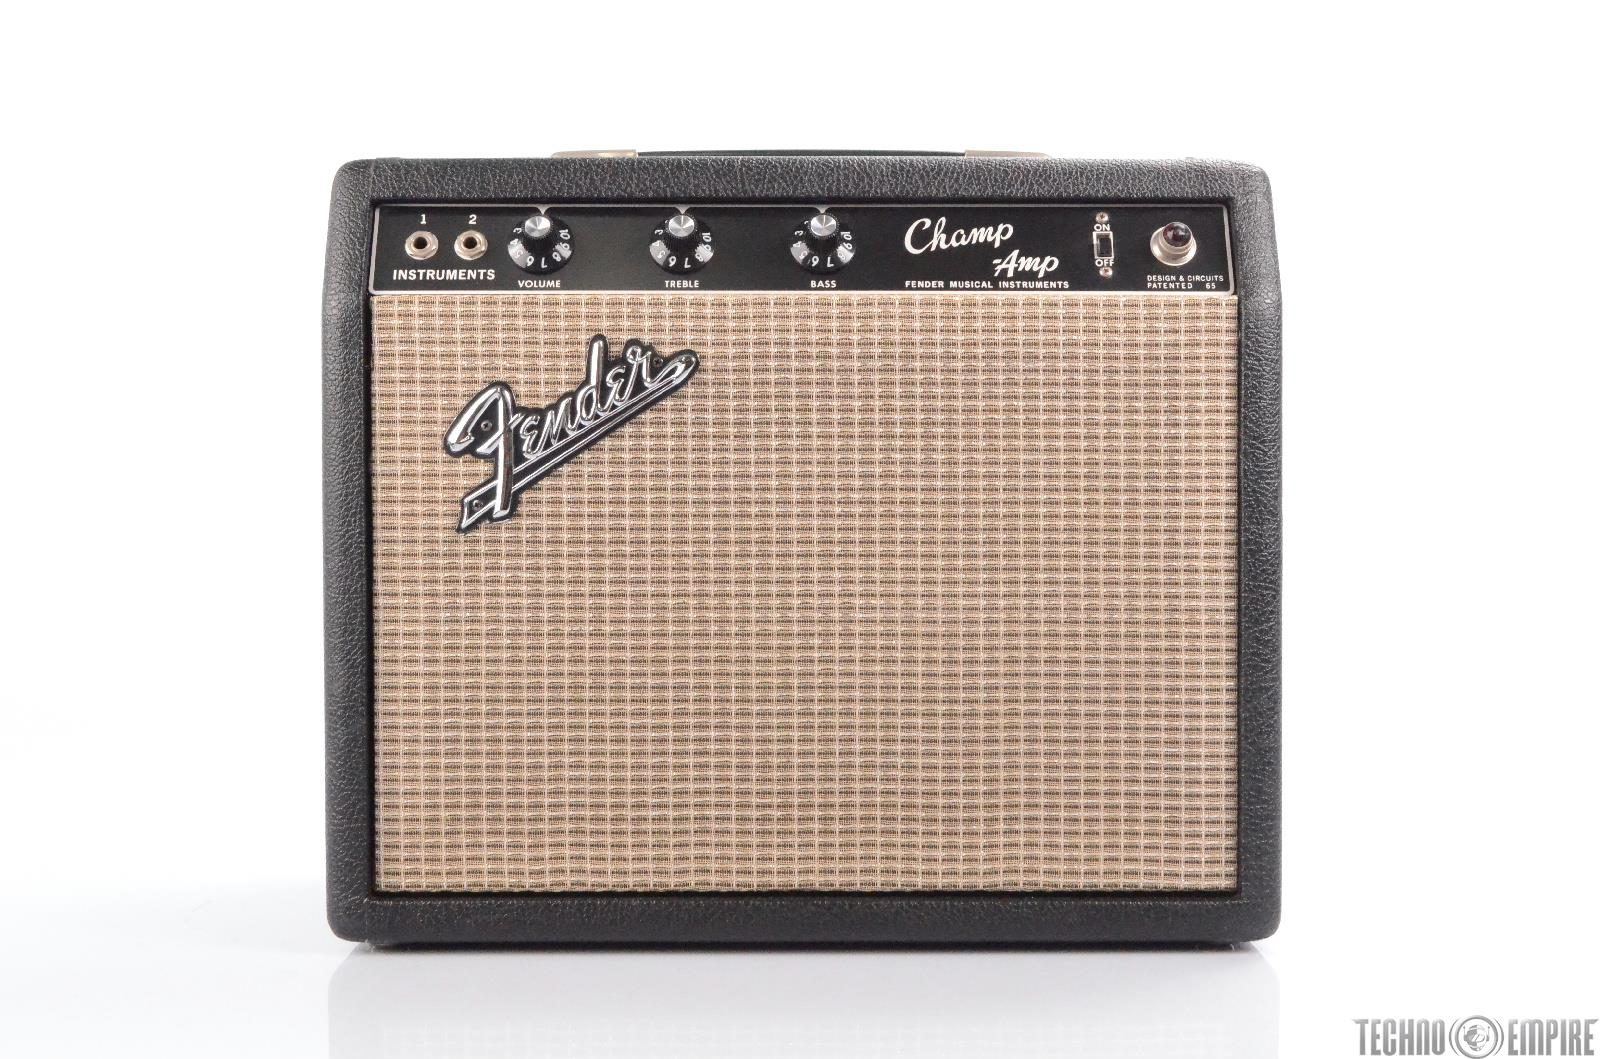 1966 Fender Champ Amp Blackface Vintage Combo Tube Amp Owned by Matt Hyde #30208